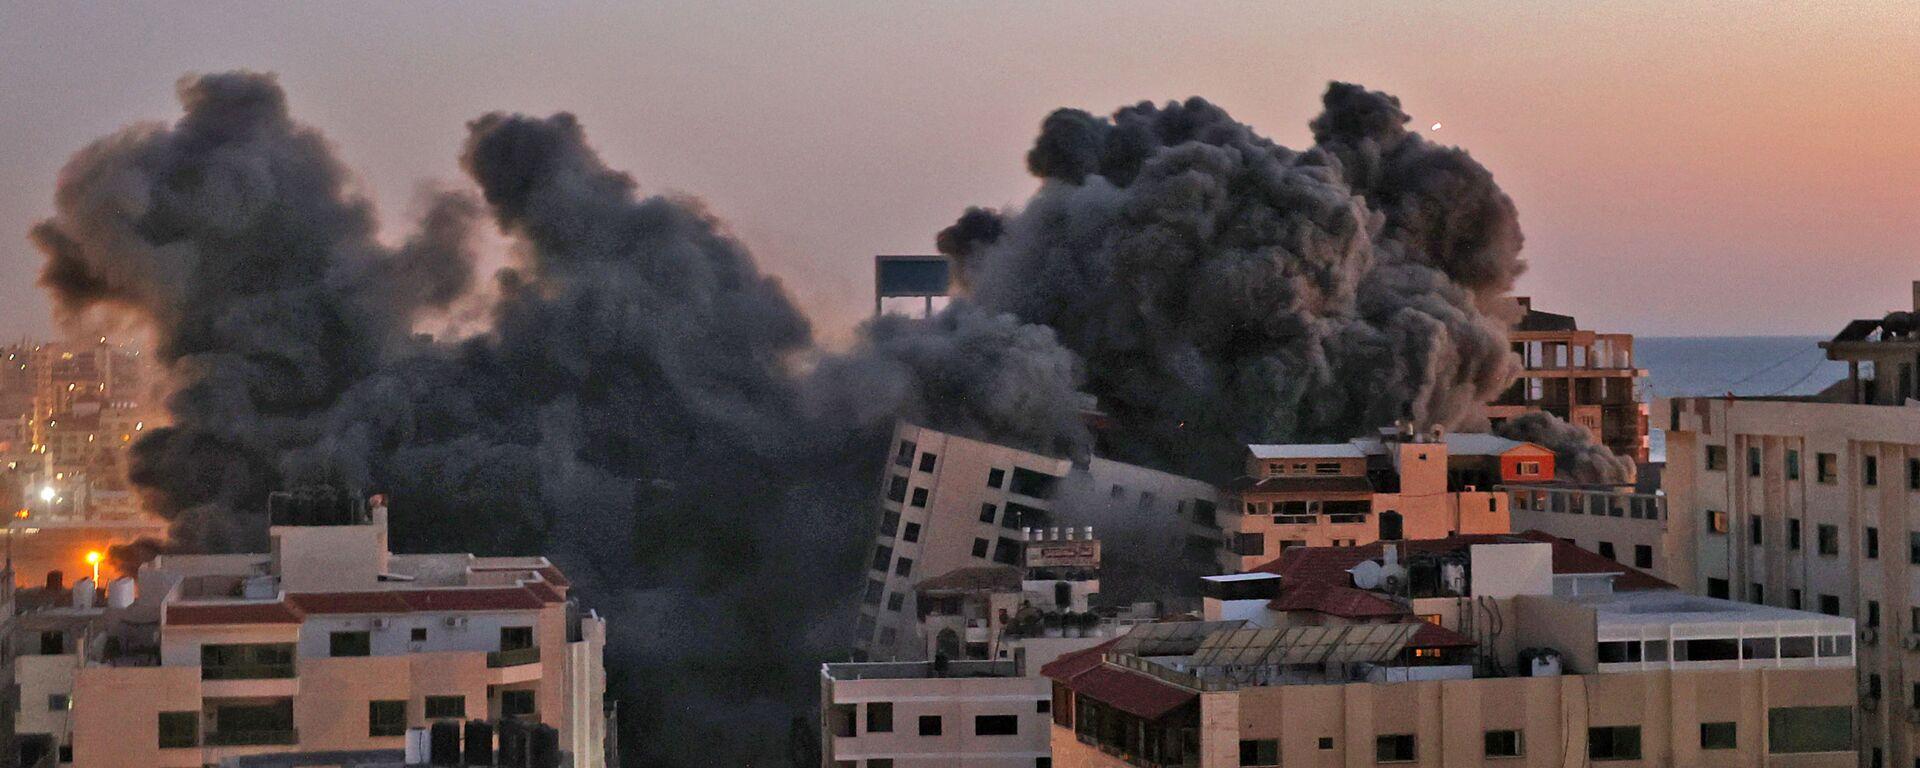 Пожарные тушат горящие многоквартирные дома после израильских авиаударов в городе Газа - Sputnik Грузия, 1920, 12.05.2021